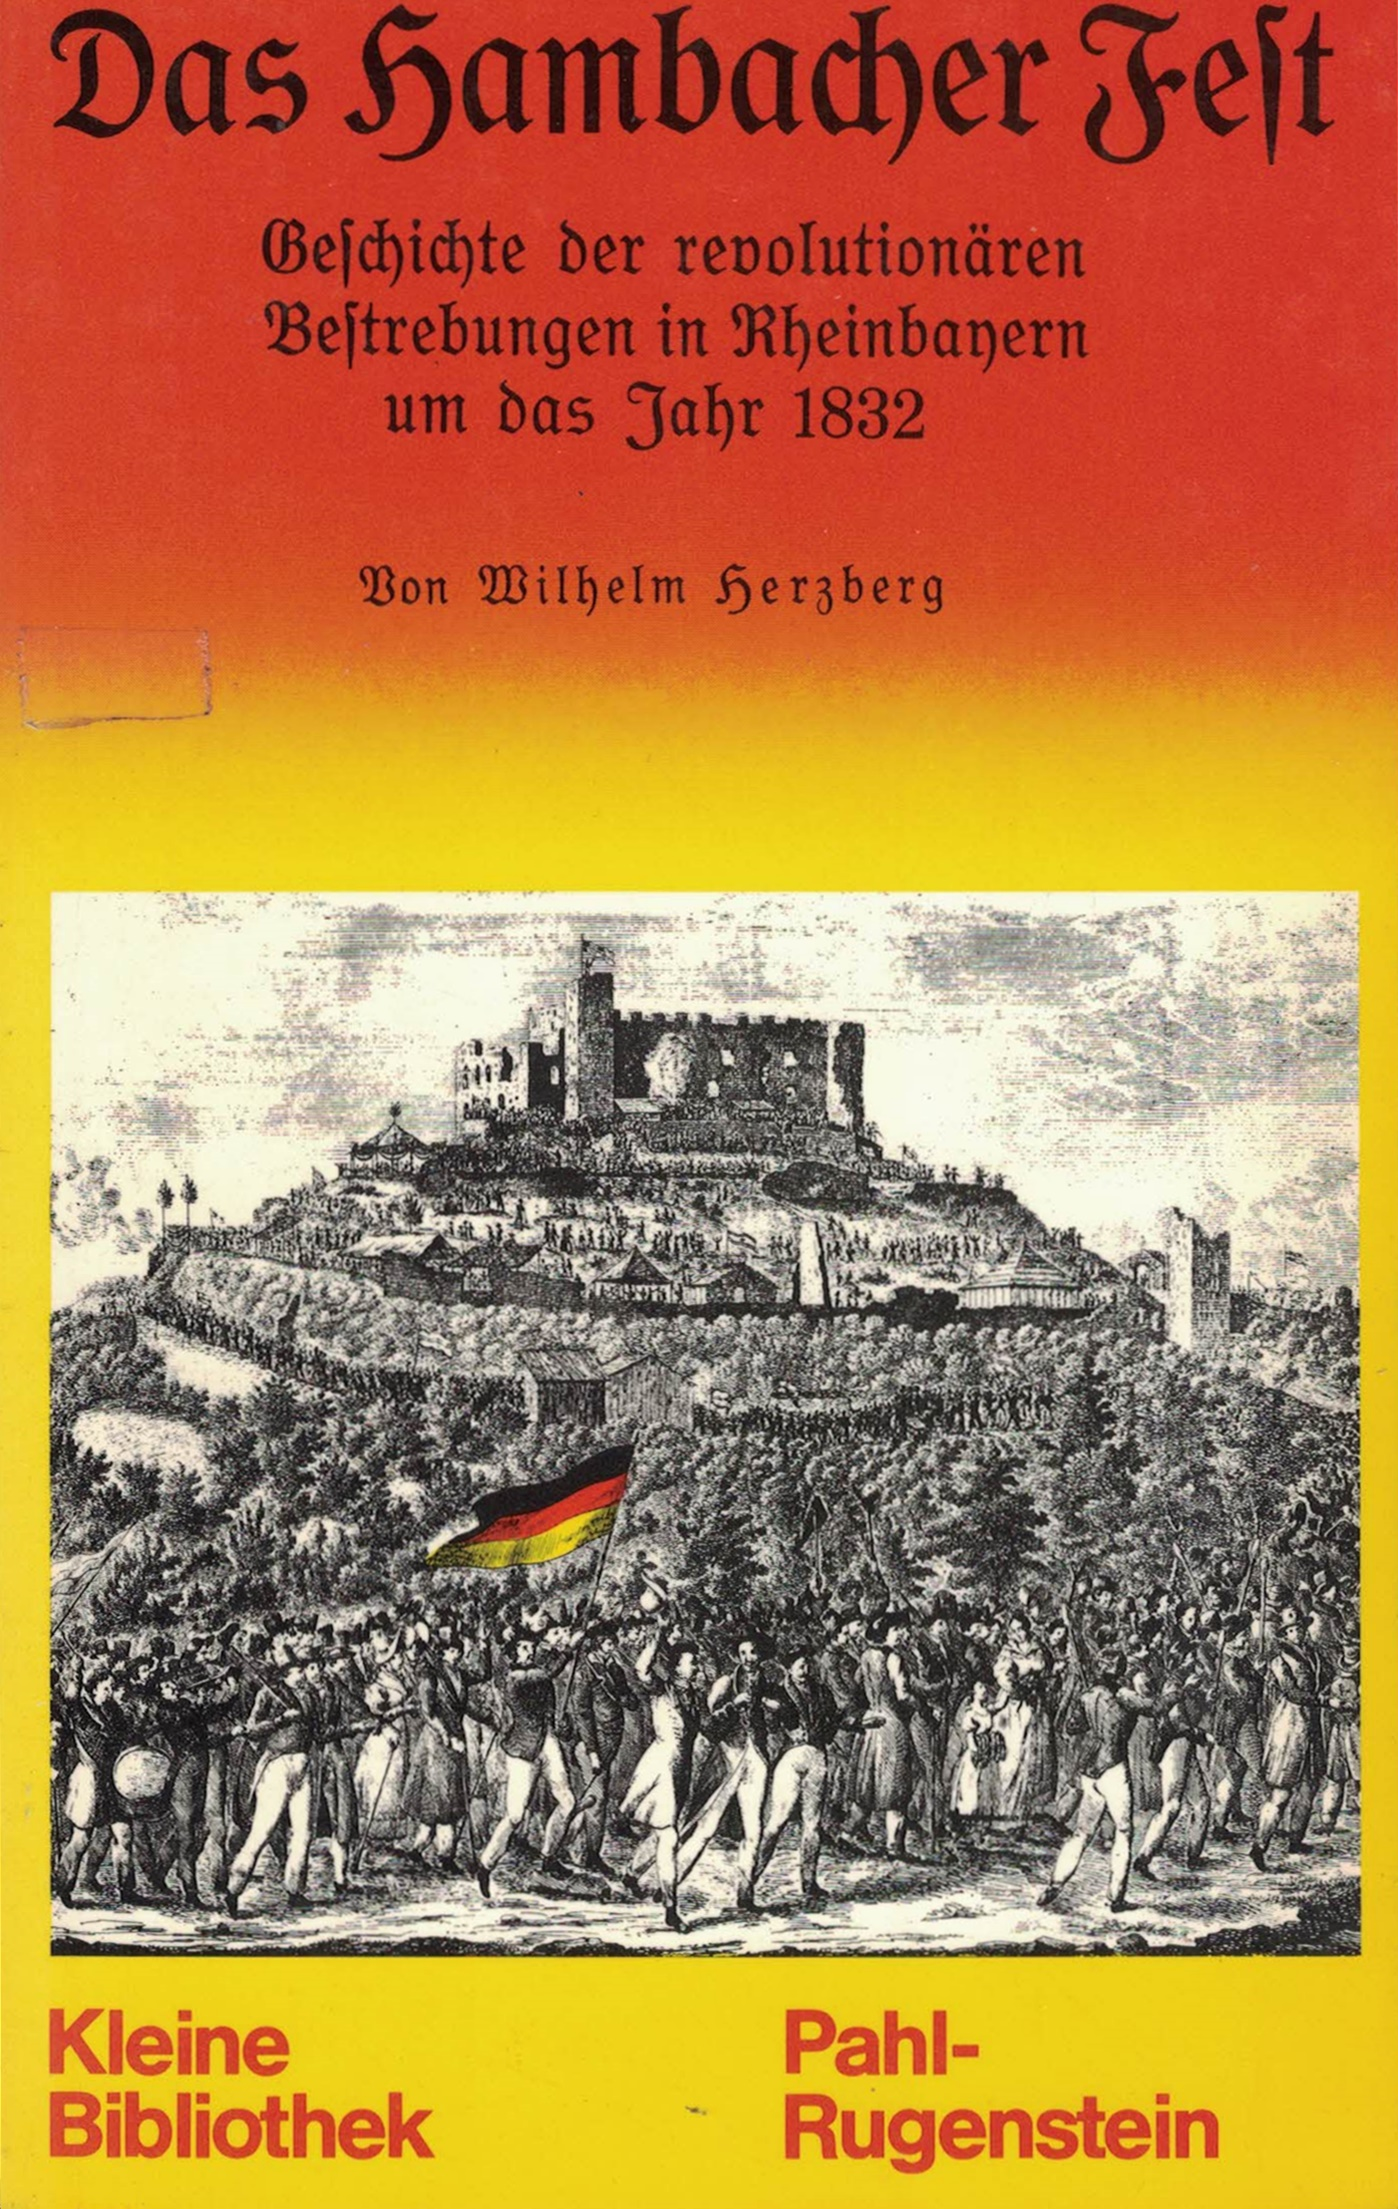 Wilhelm Herzberg - Das Hambacher Fest